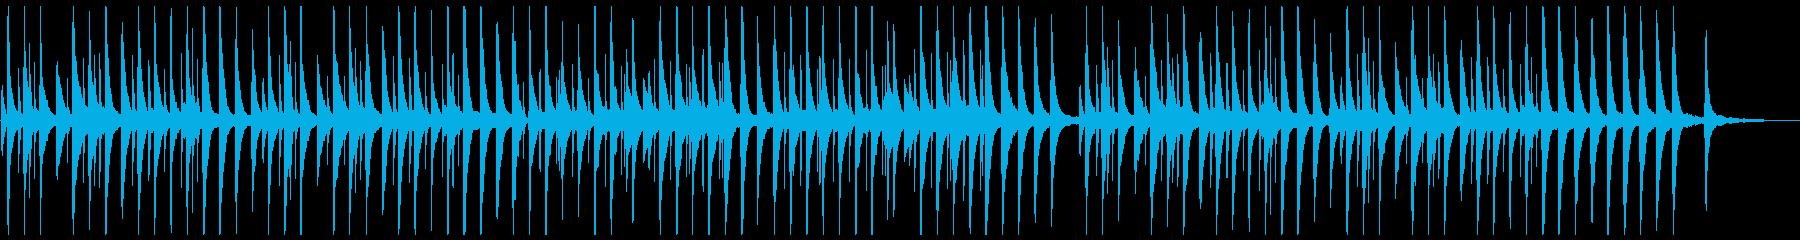 ピアノ、優しく懐かしいオルゴール風の再生済みの波形